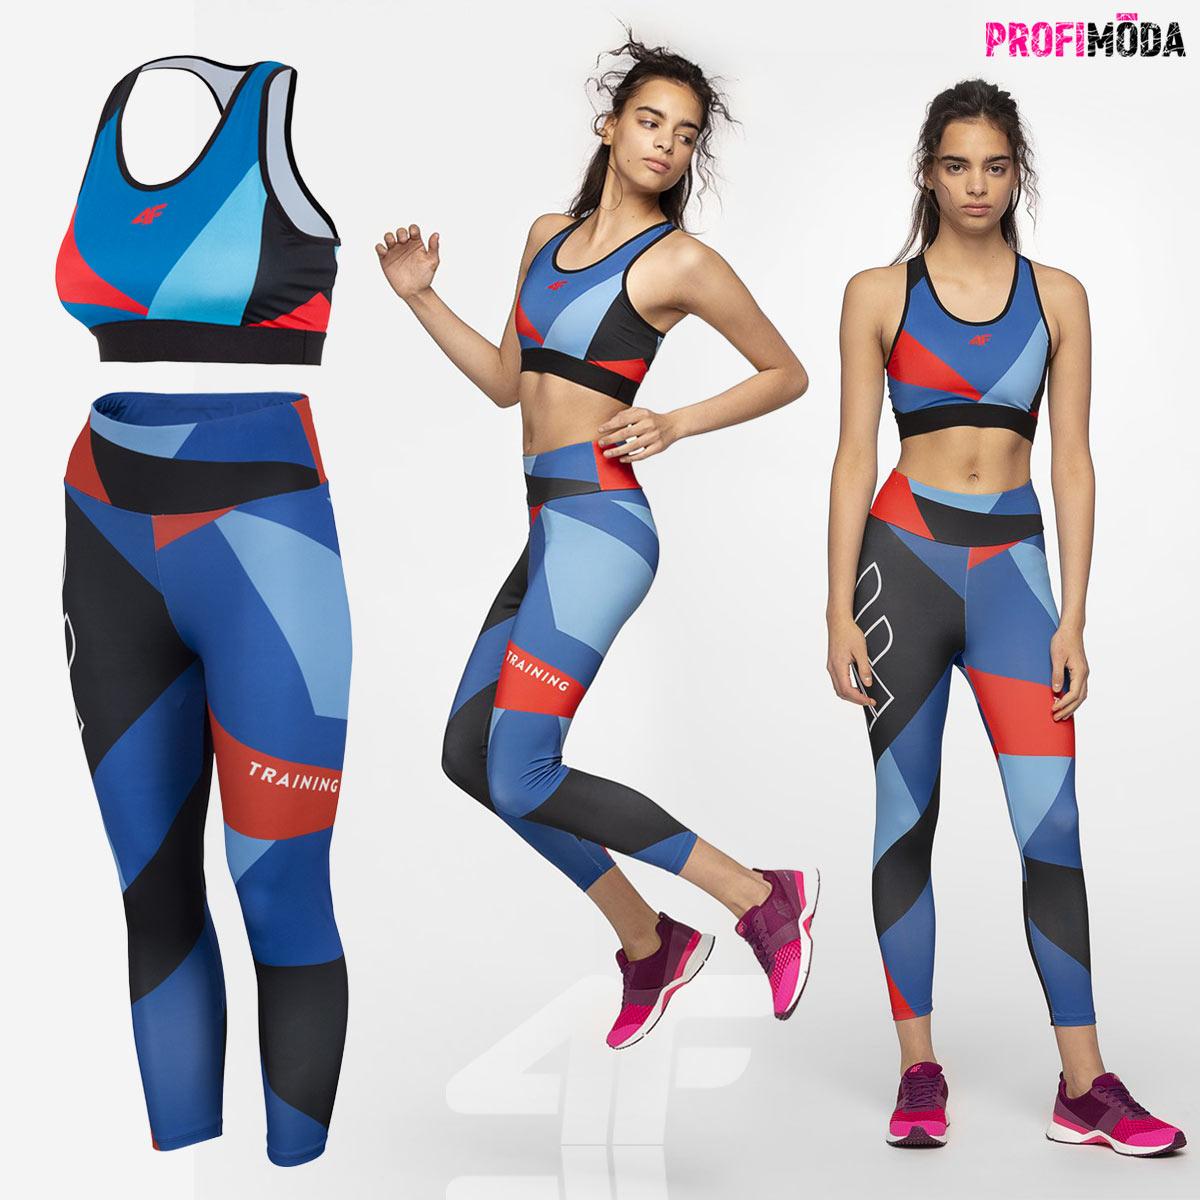 Sportovní oblečení pro ženy 4F: to je styl a funkční vlastnosti v jednom.